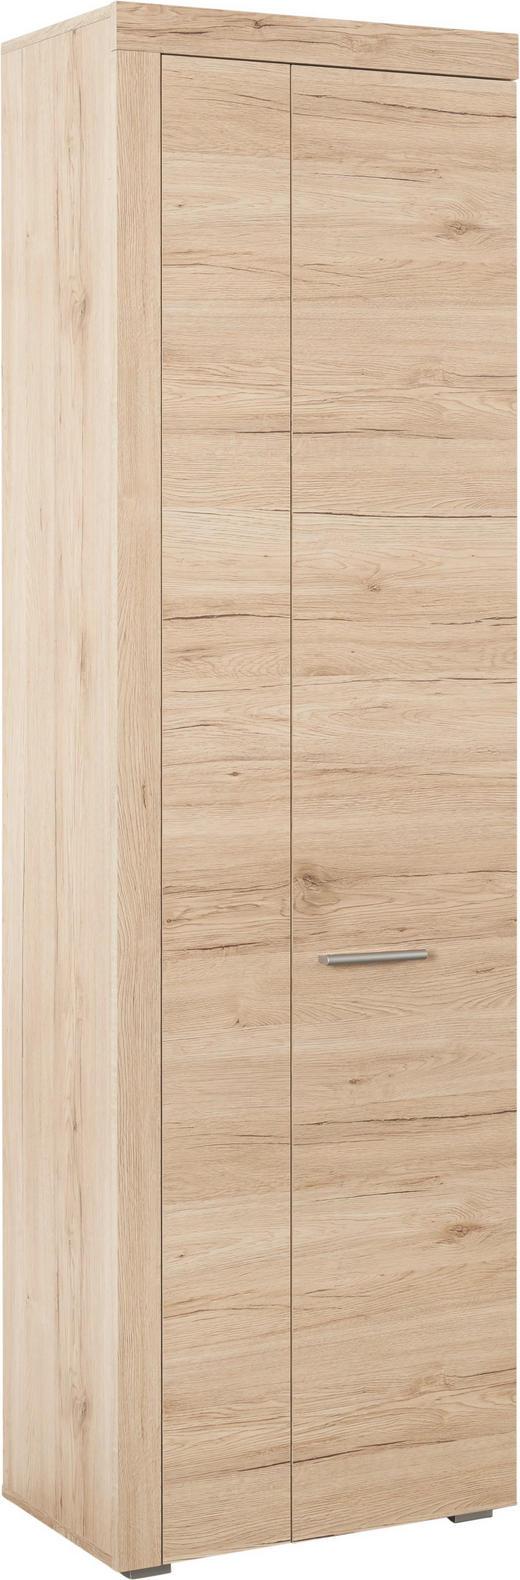 GARDEROBENSCHRANK Eichefarben - Eichefarben/Silberfarben, Design, Holzwerkstoff/Kunststoff (60/198/35cm)